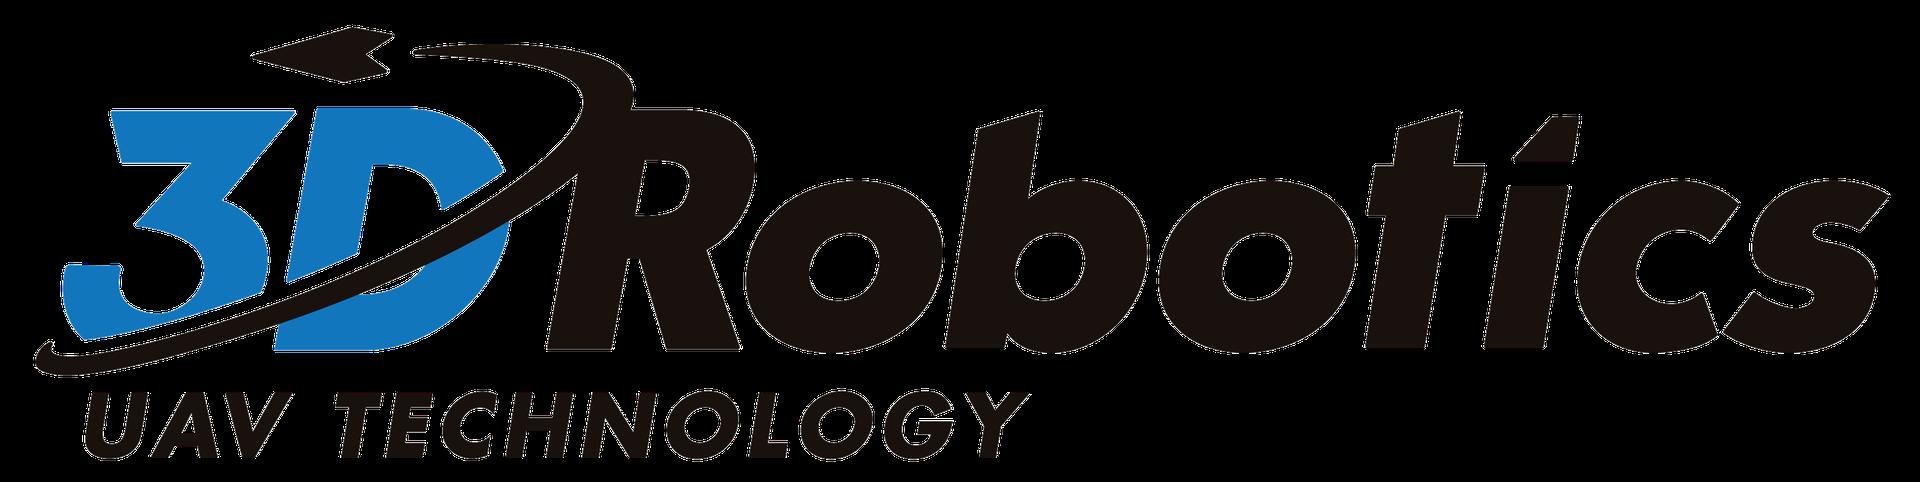 3D Robotics (3DR) Drones PDF User Manuals - User manuals for drones